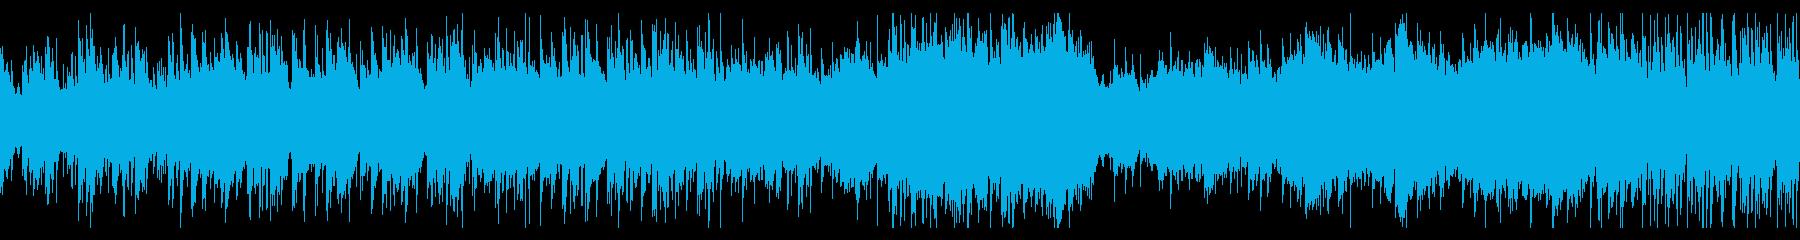 空中都市をイメージした曲(ループ版)の再生済みの波形